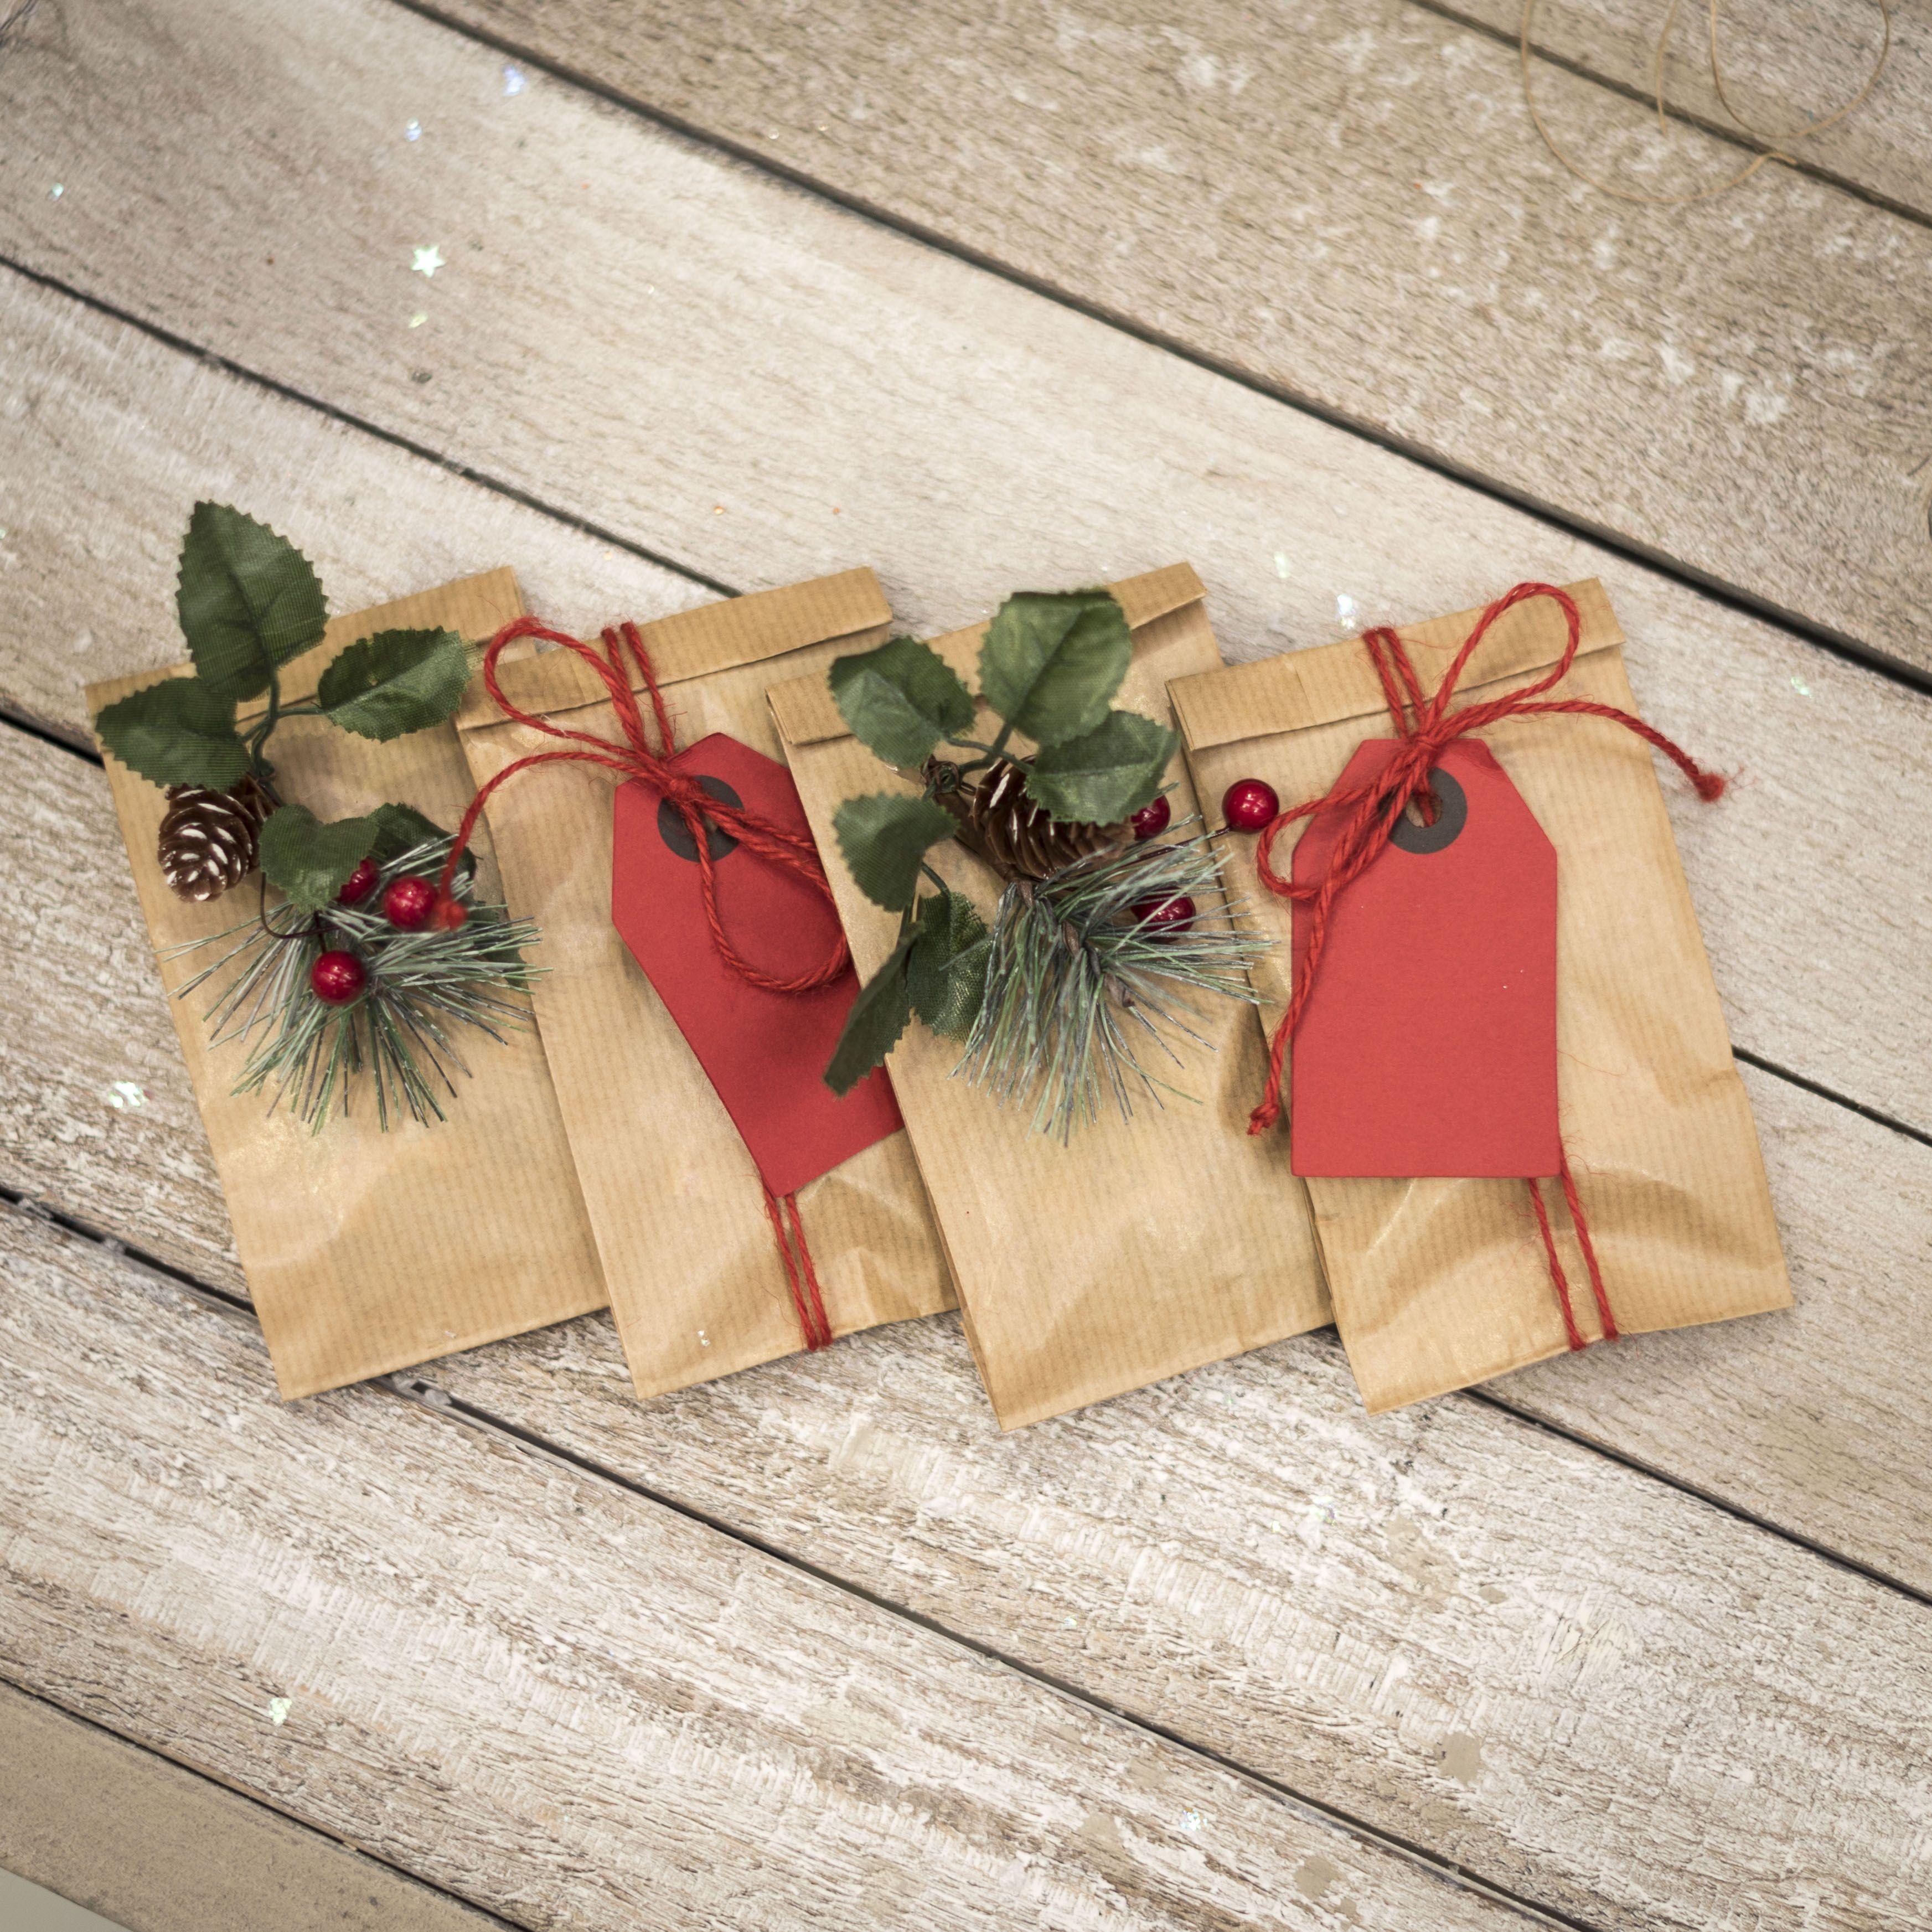 Idea fai da te per piccoli regali di Natale. Usa dei sacchettini